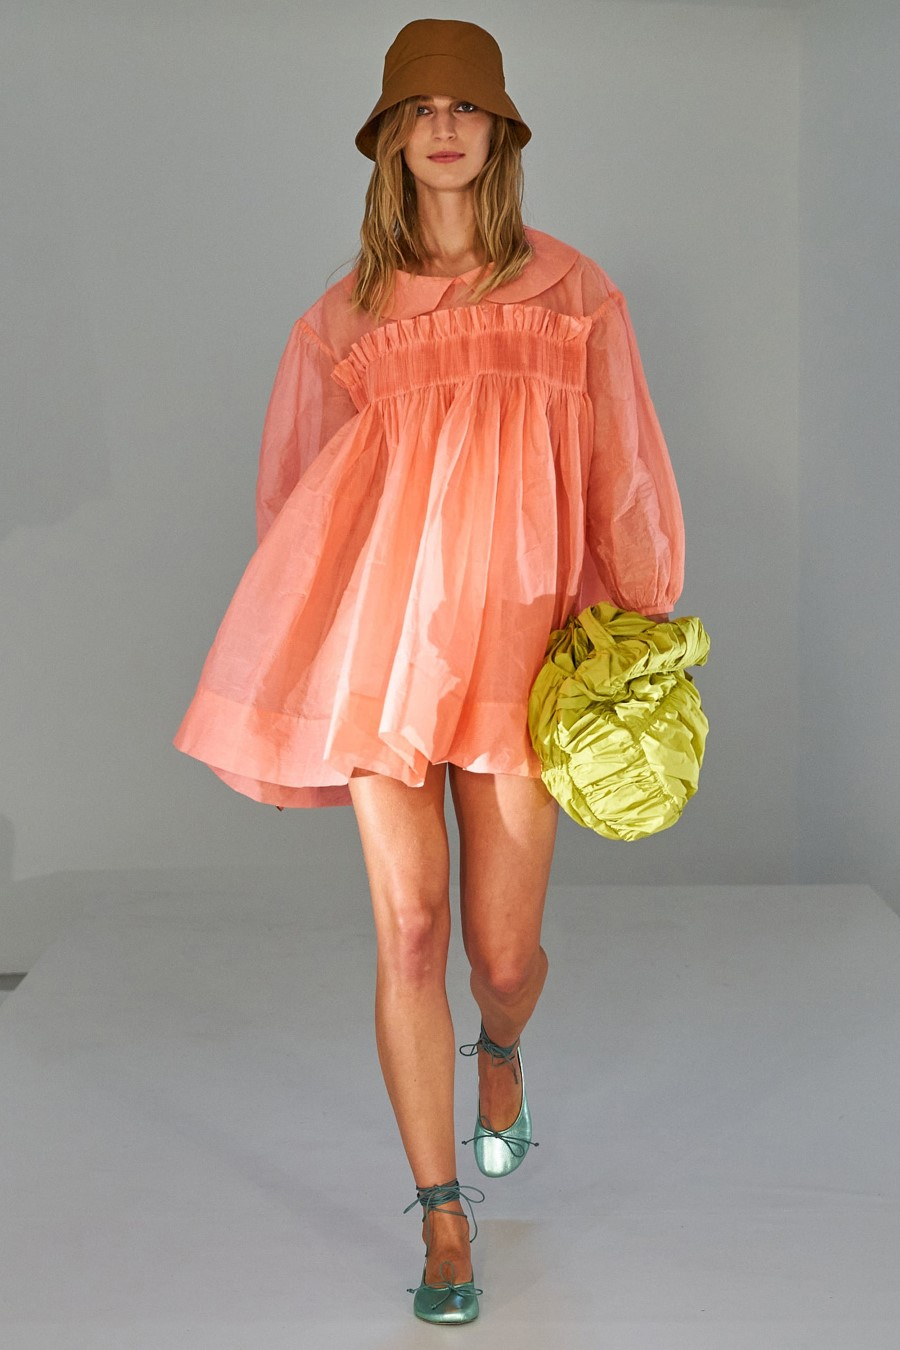 Molly Goddard Spring Summer 2022 London Fashion Week Fashionotography